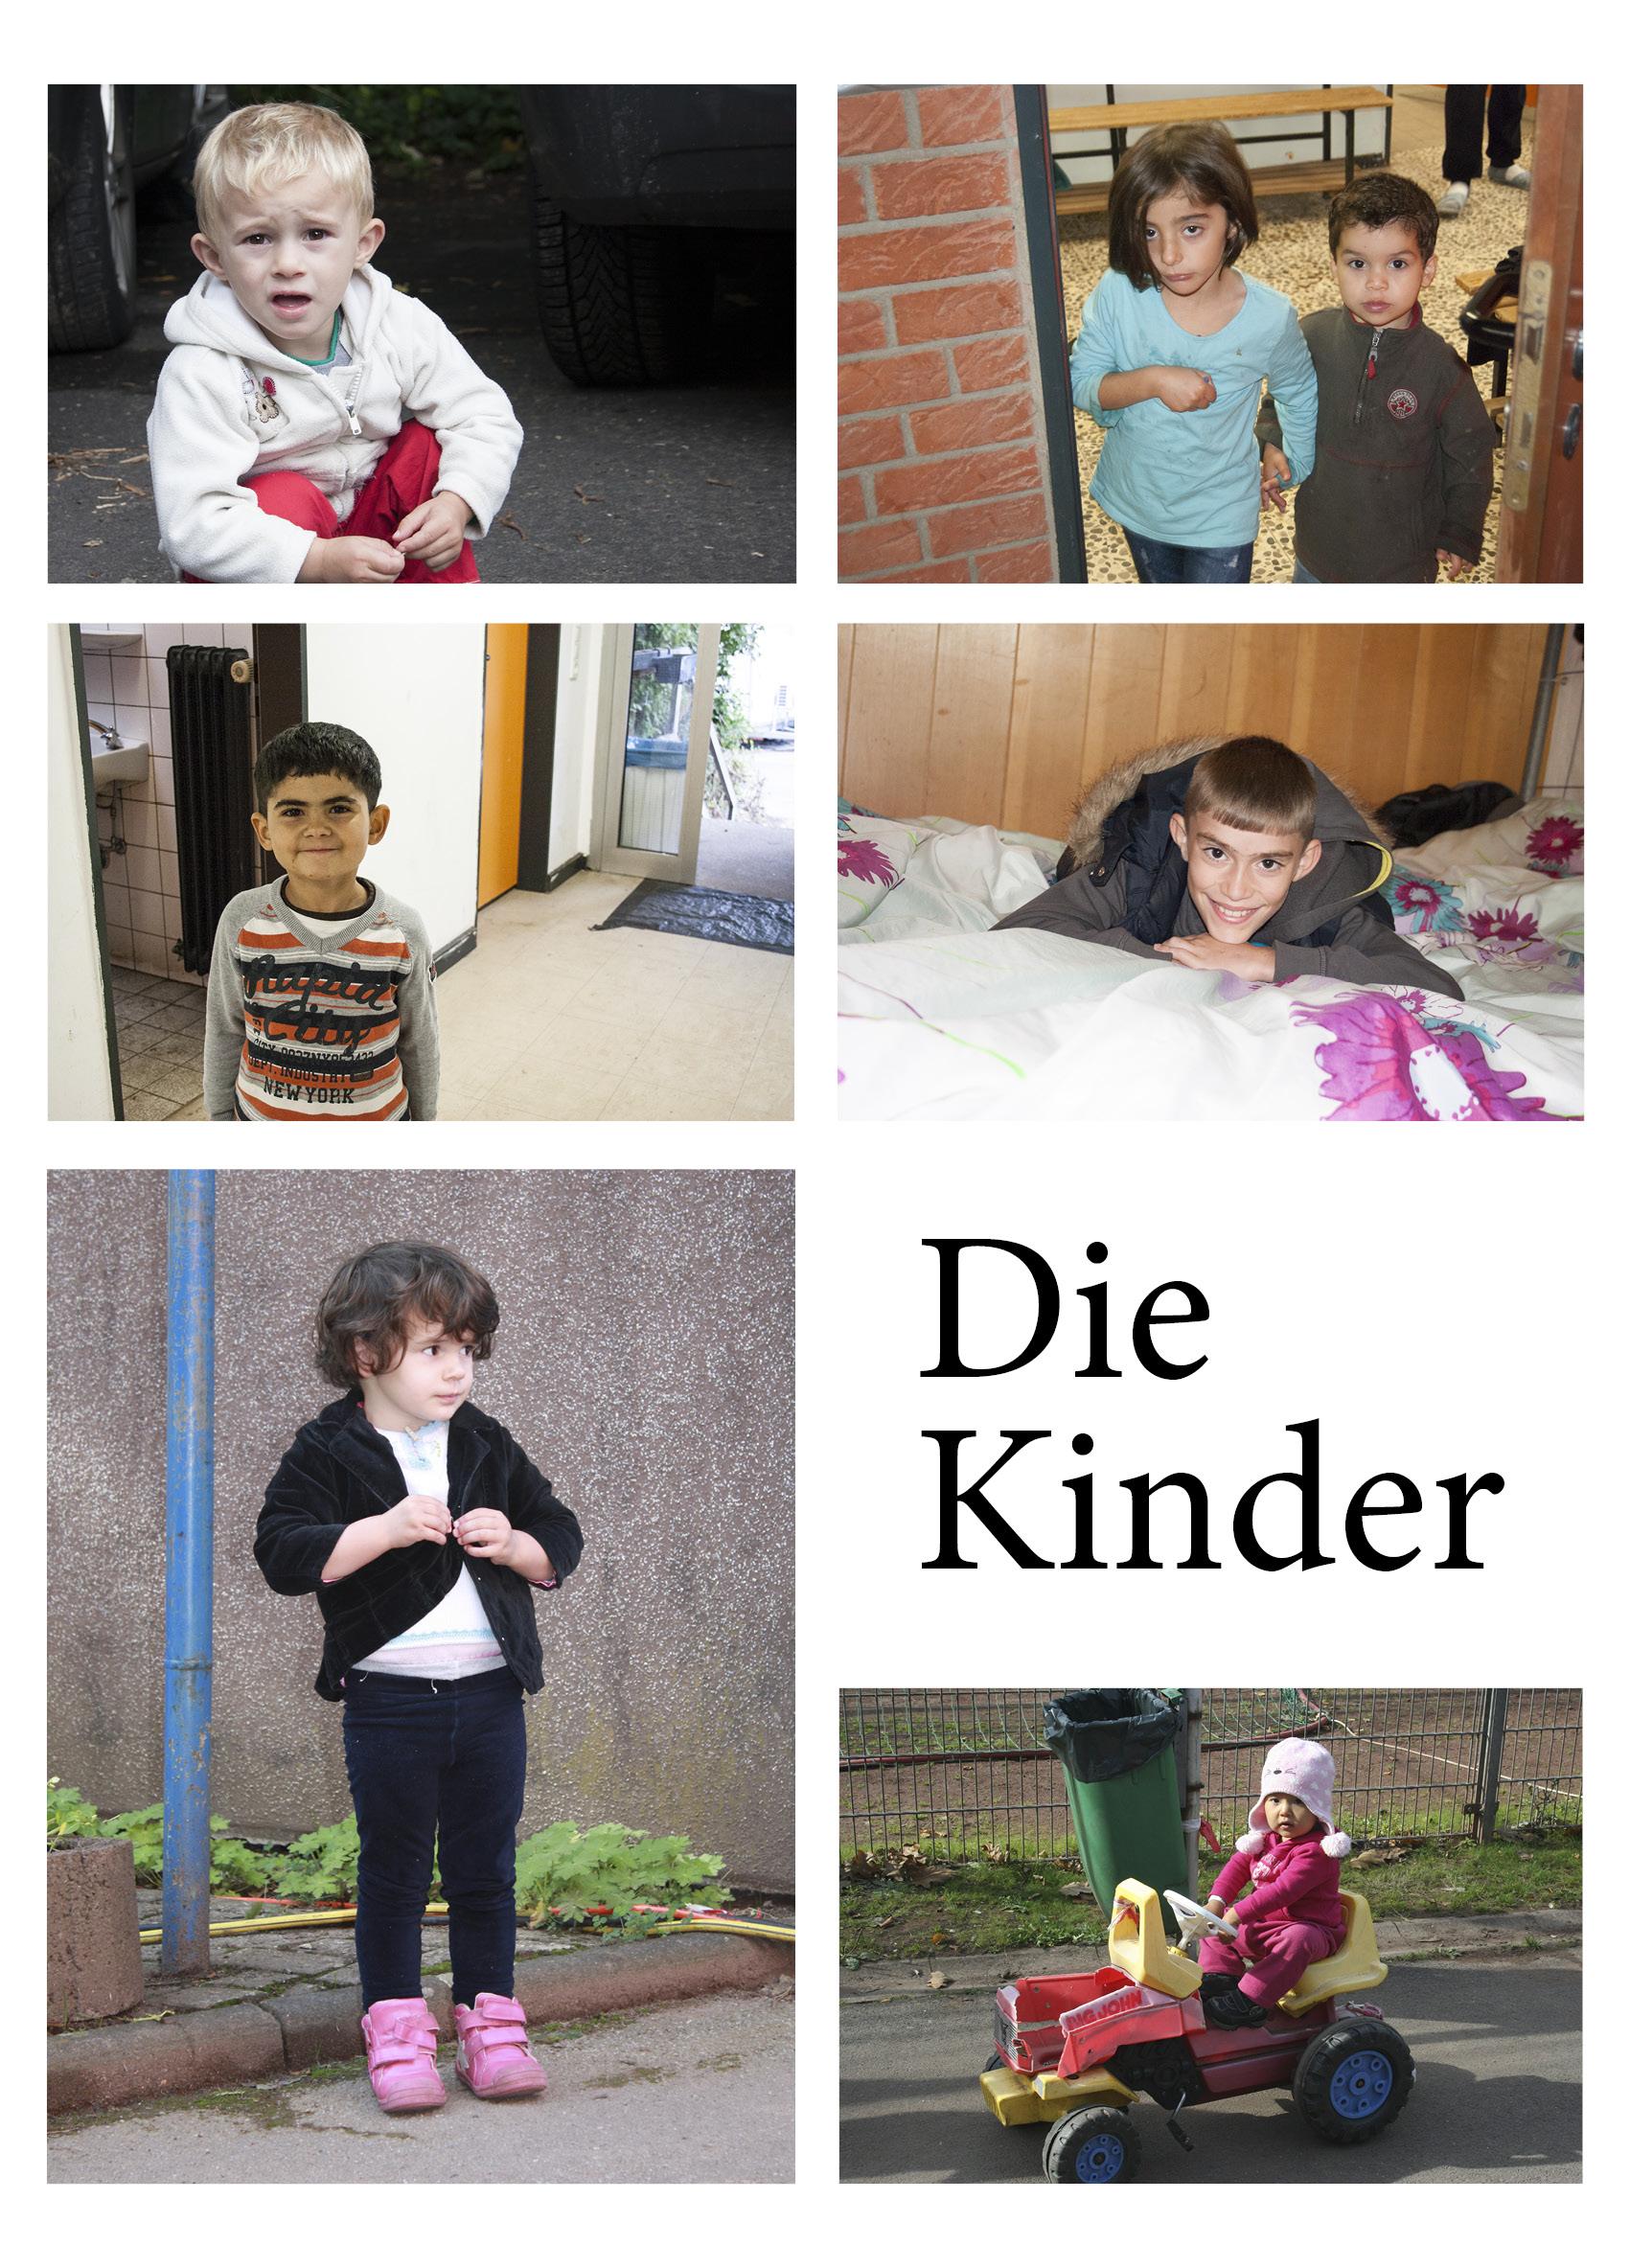 kinder 4